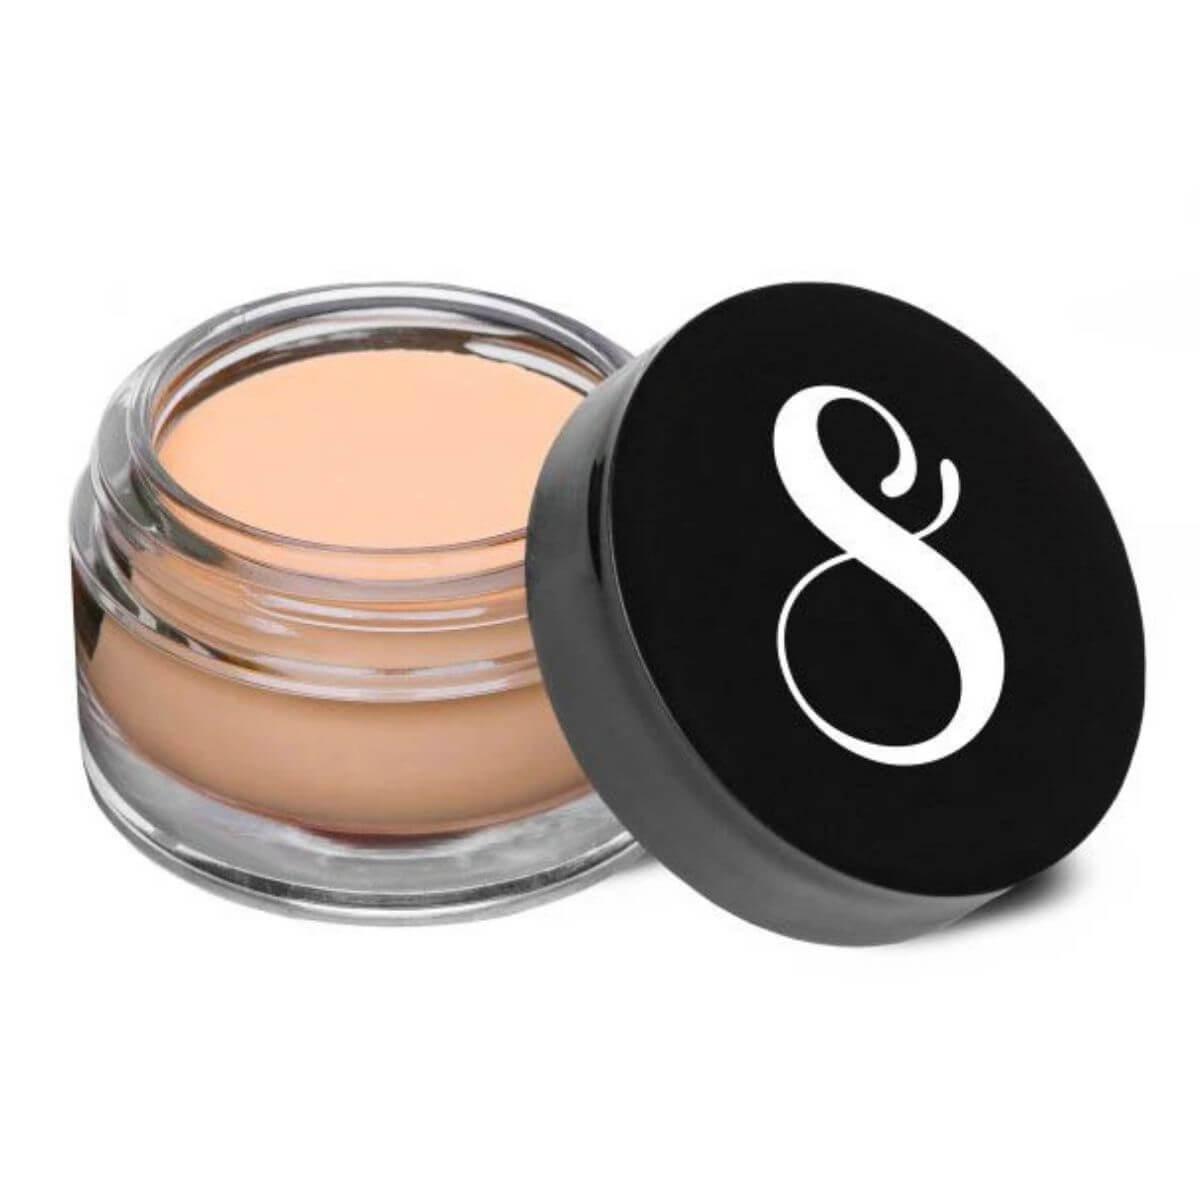 Corretivo de Alta Cobertura Suelen Makeup SM05